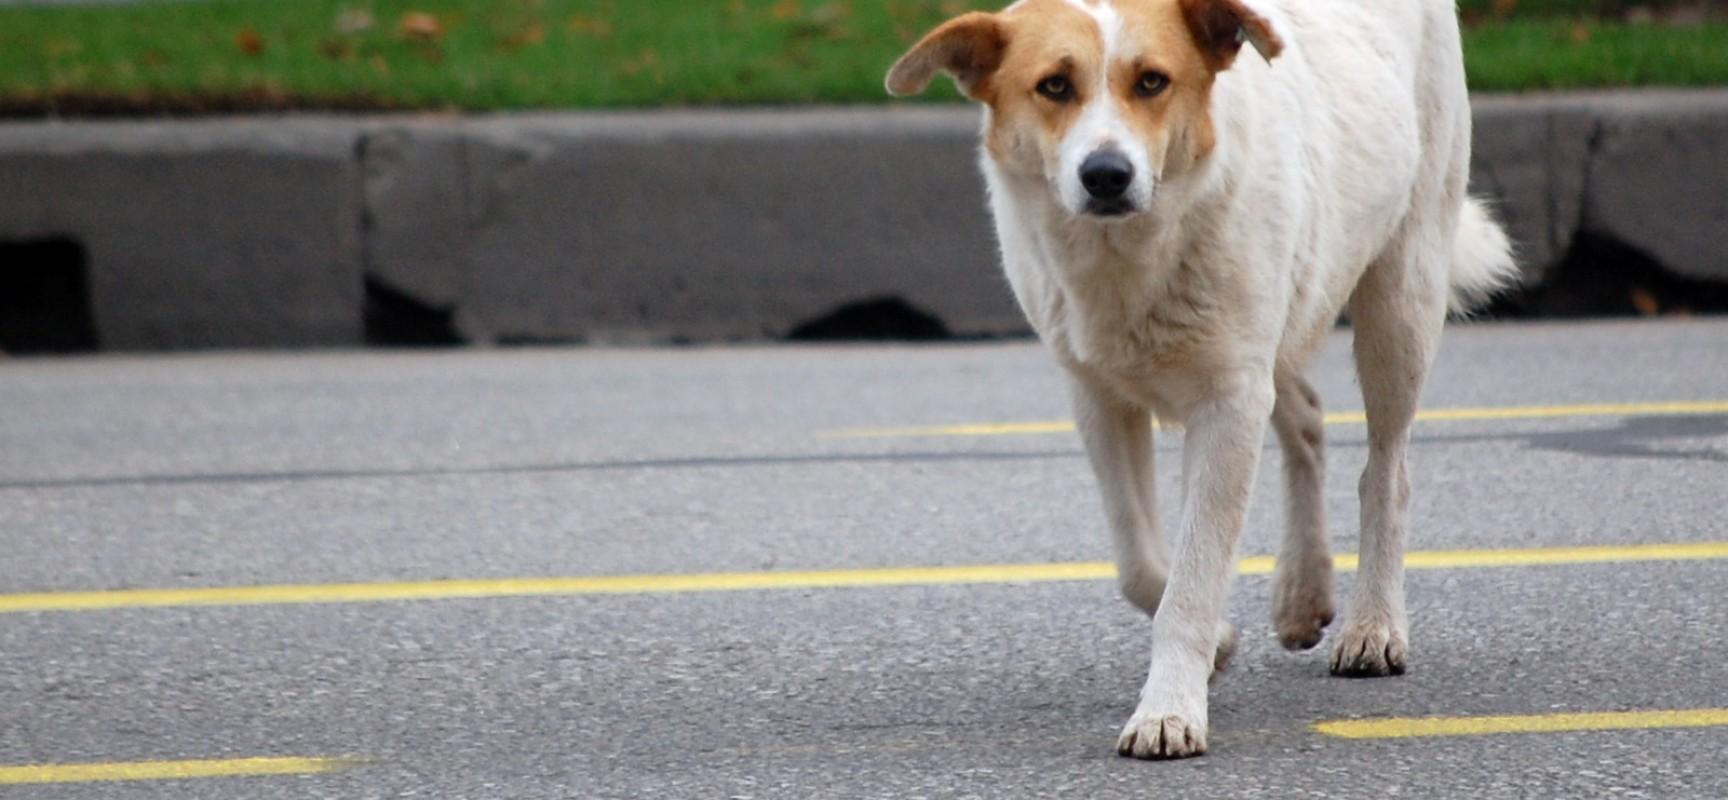 Reimmissione sul territorio dei cani randagi, il comune attiva la polizza assicurativa